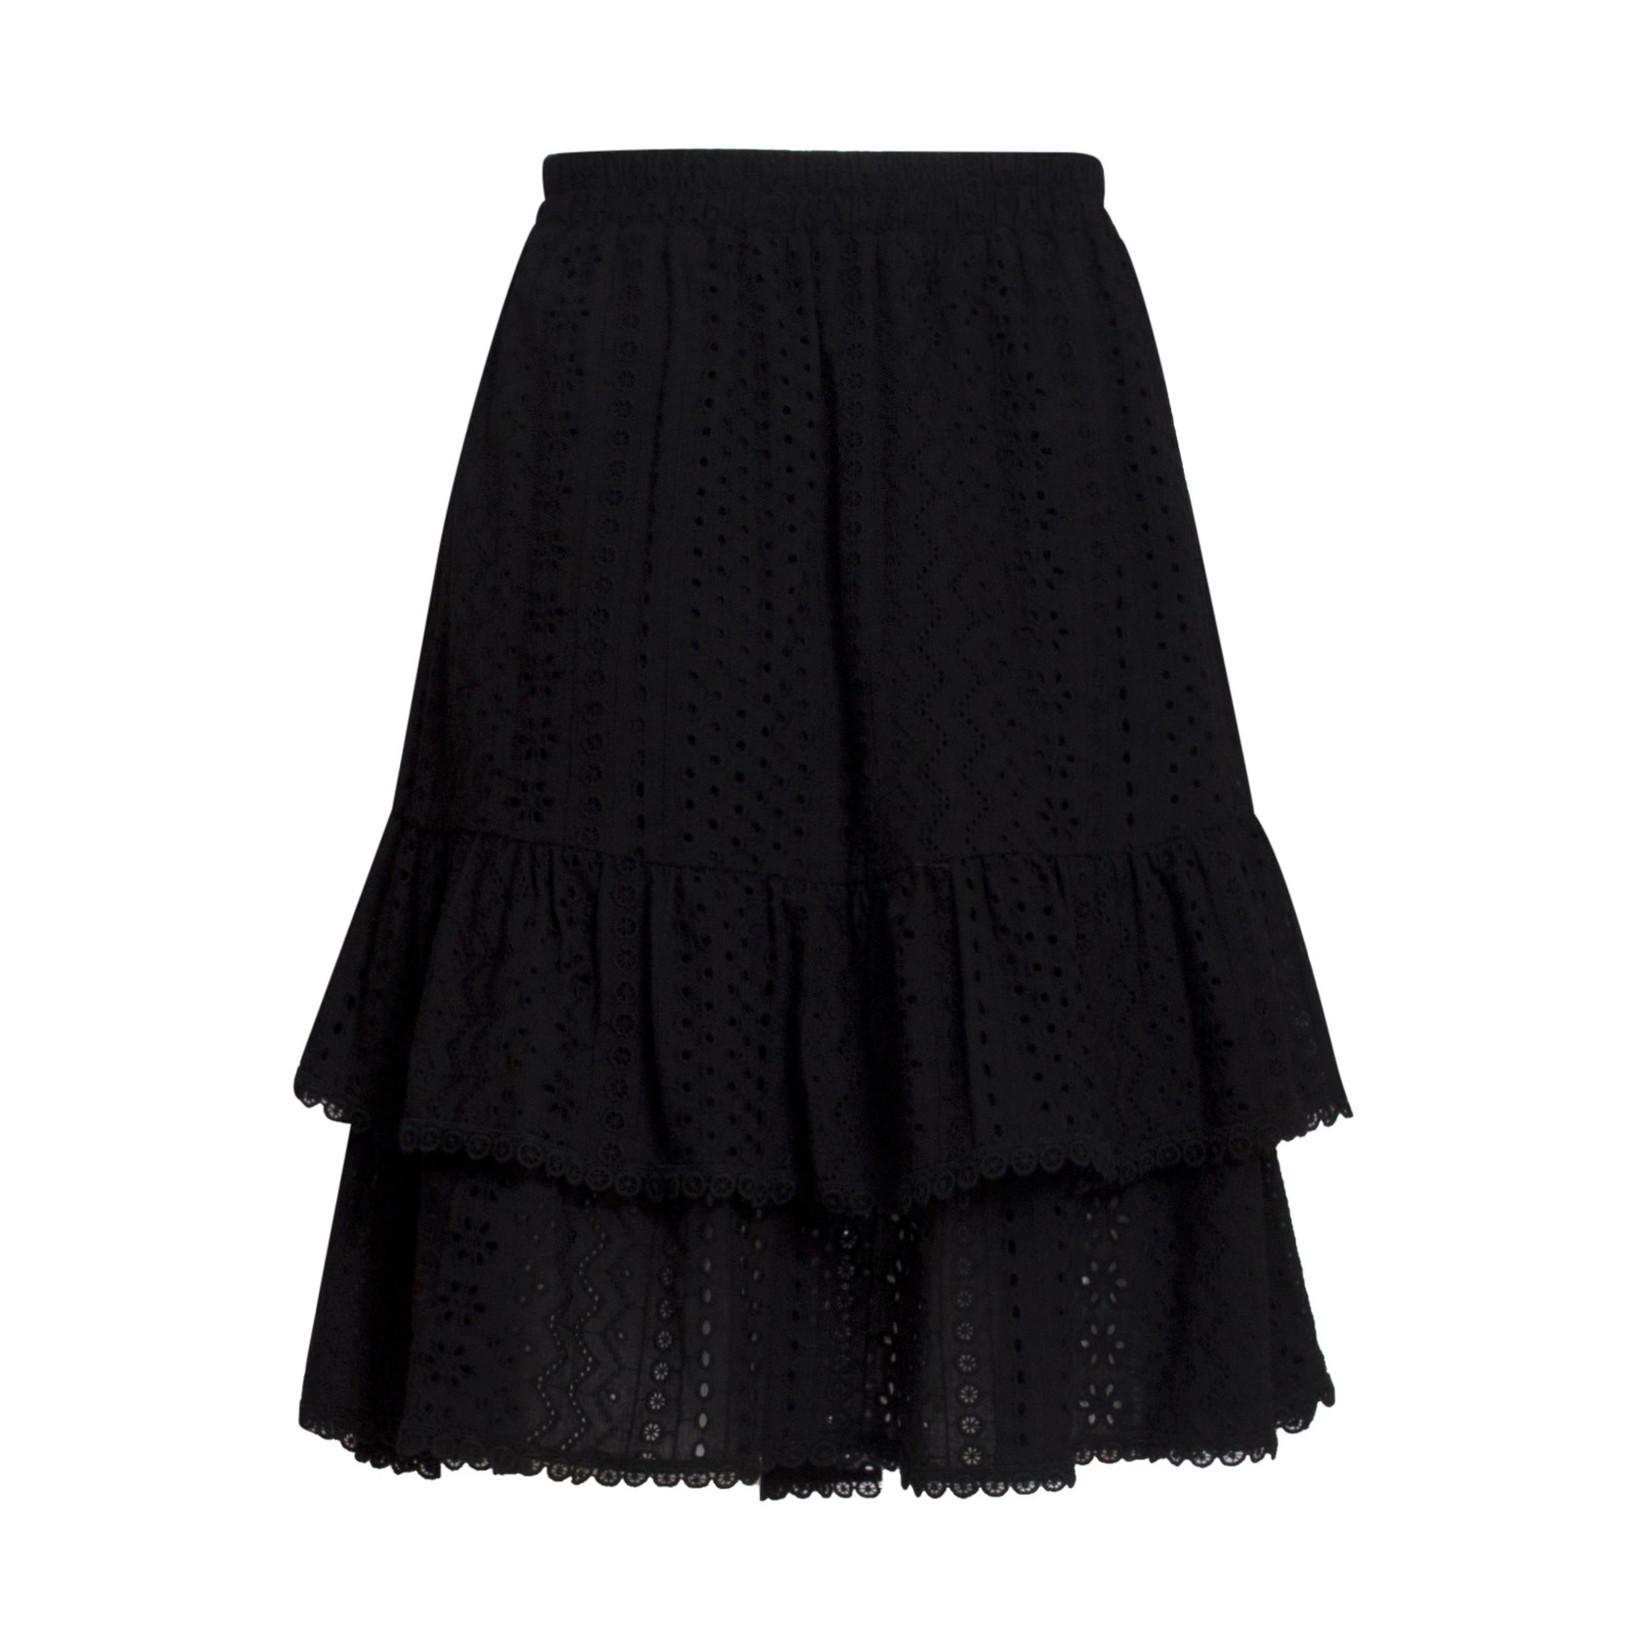 Smashed Lemon Smashed Lemon skirt black 21178